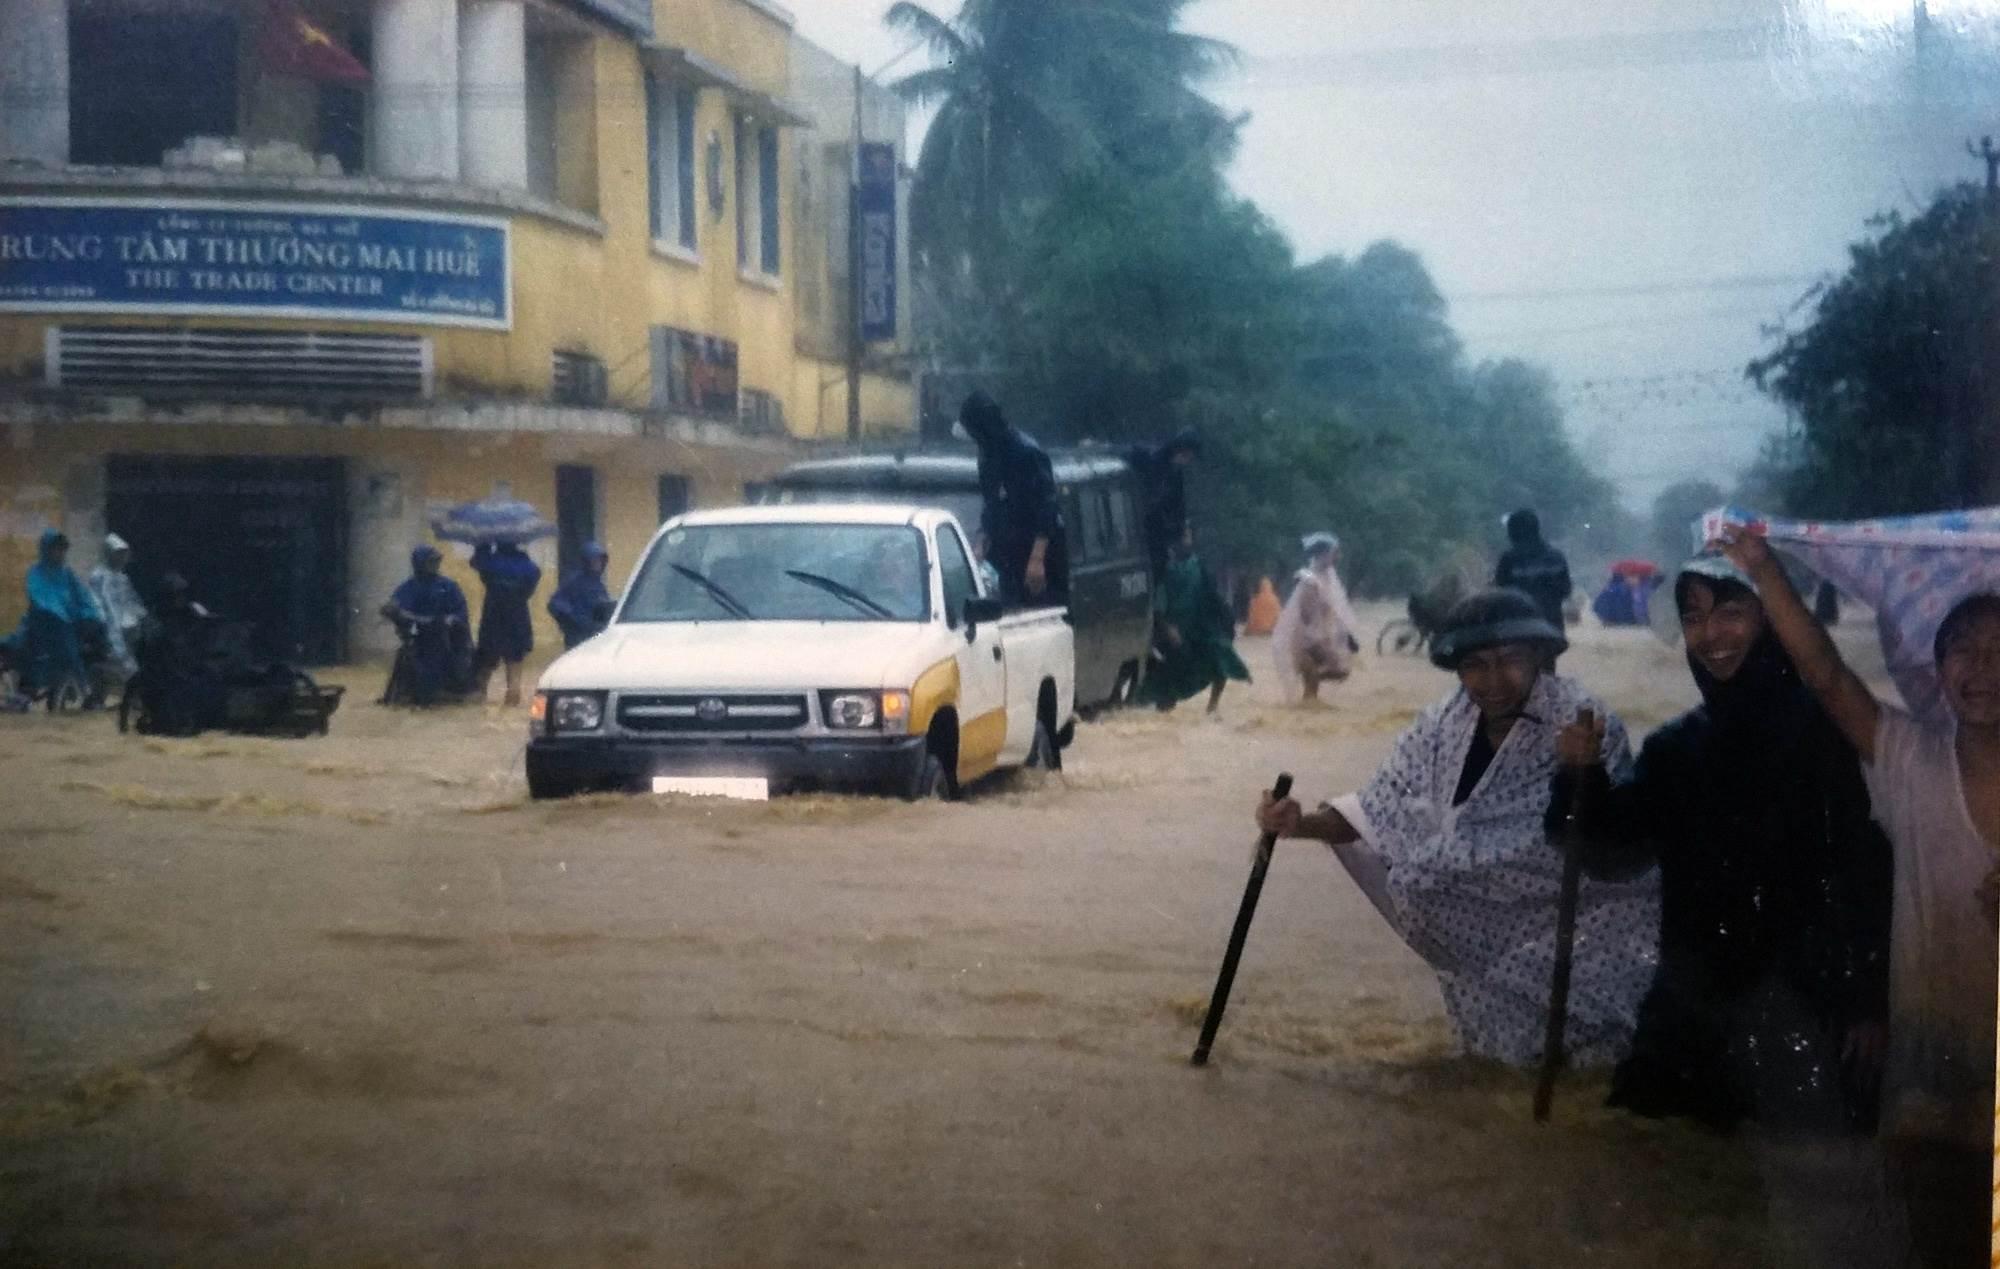 Các tuyến đường trong nội đô thành phố Huế năm 1999 ngập nặng trong biển nước, người dân phải di tản đến nơi cao....